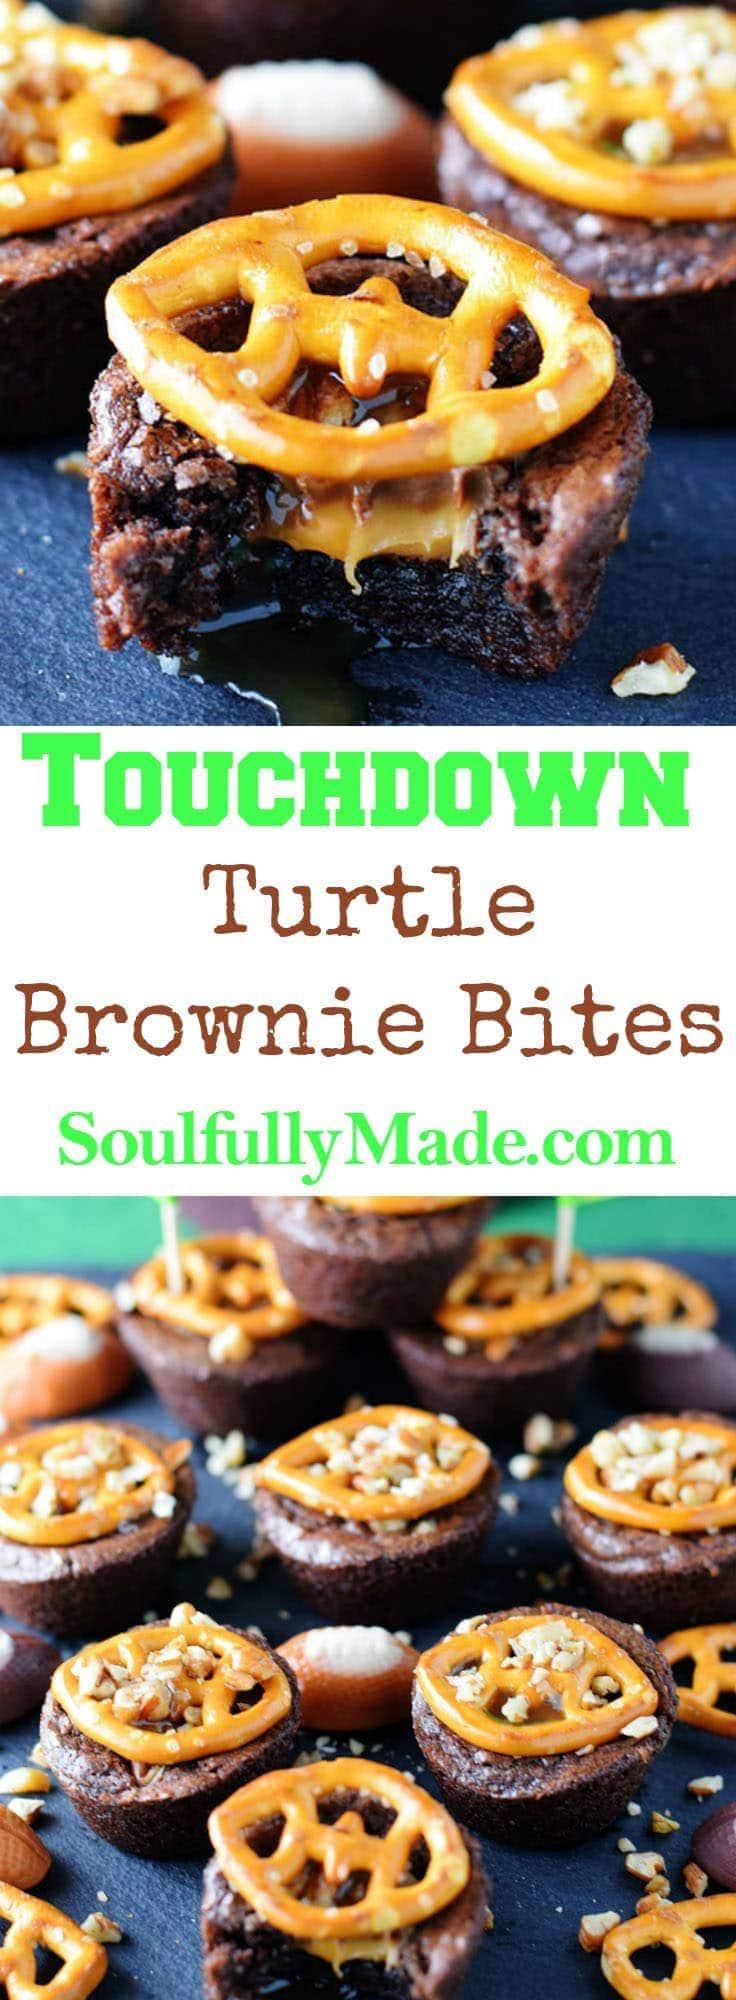 Touchdown Turtle Brownie Bites